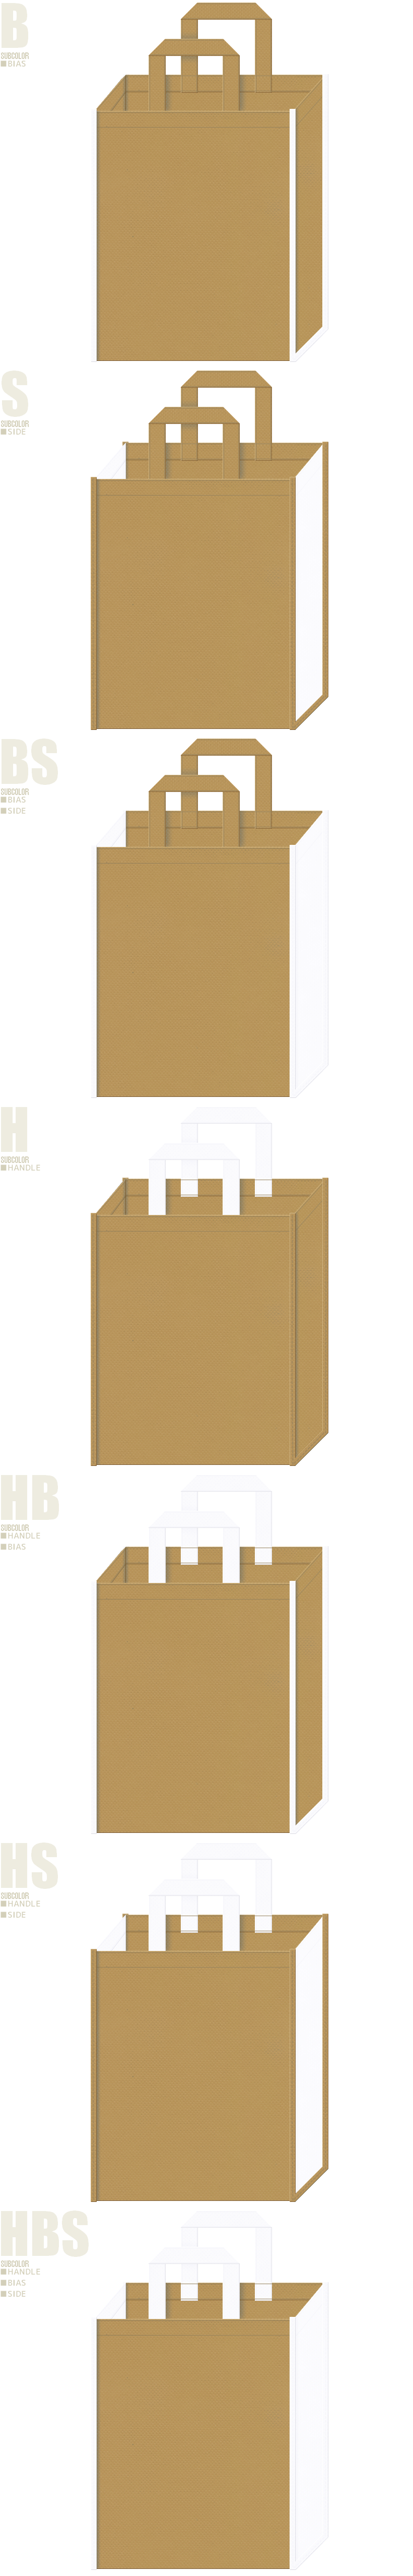 不織布バッグのデザイン:マスタード色と白色の配色7パターン